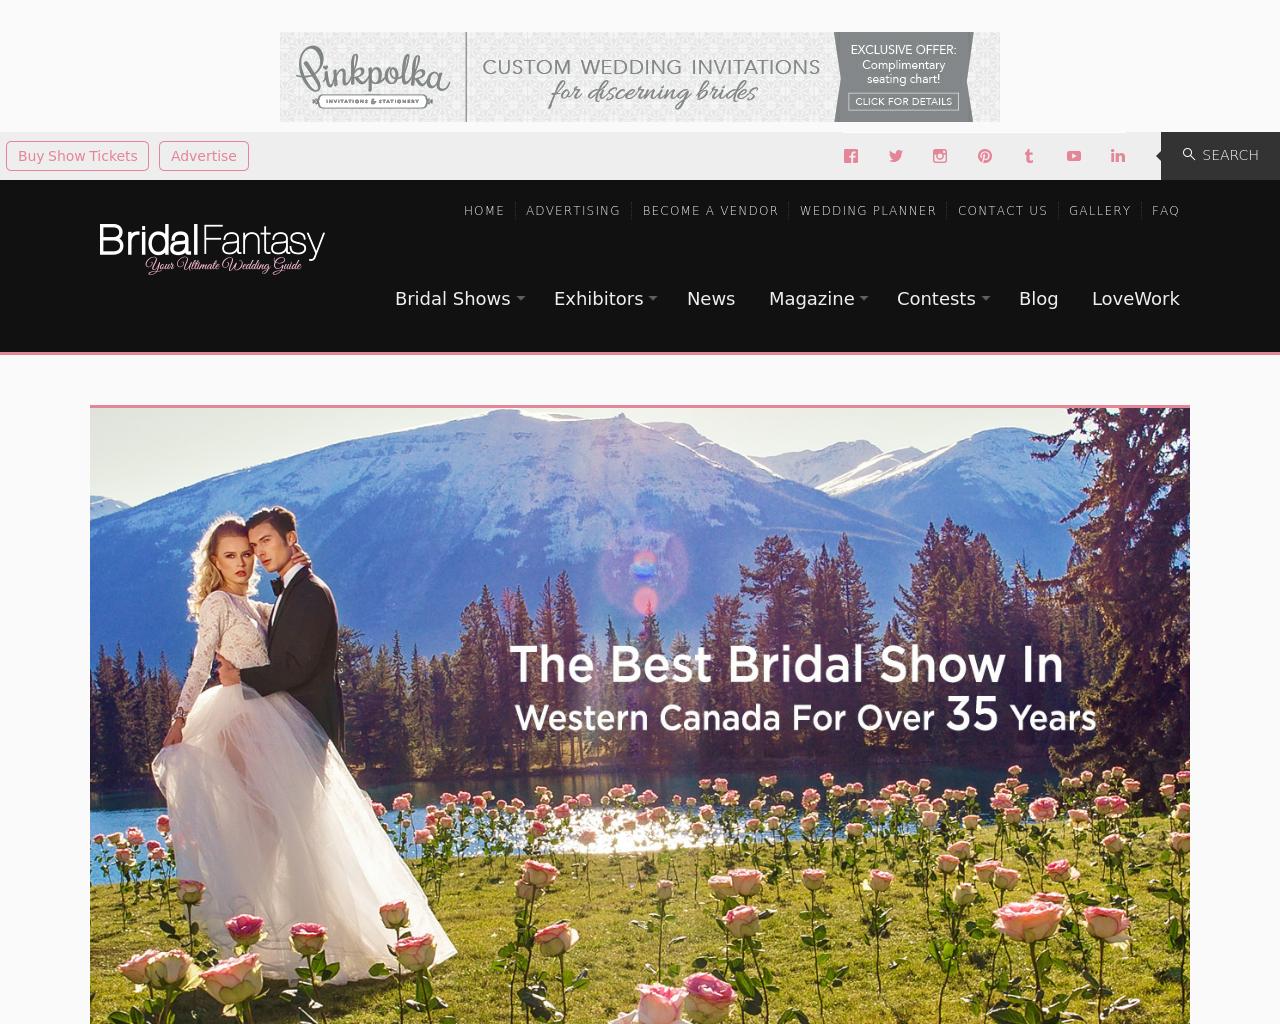 Bridal-Fantasy-Group-Advertising-Reviews-Pricing